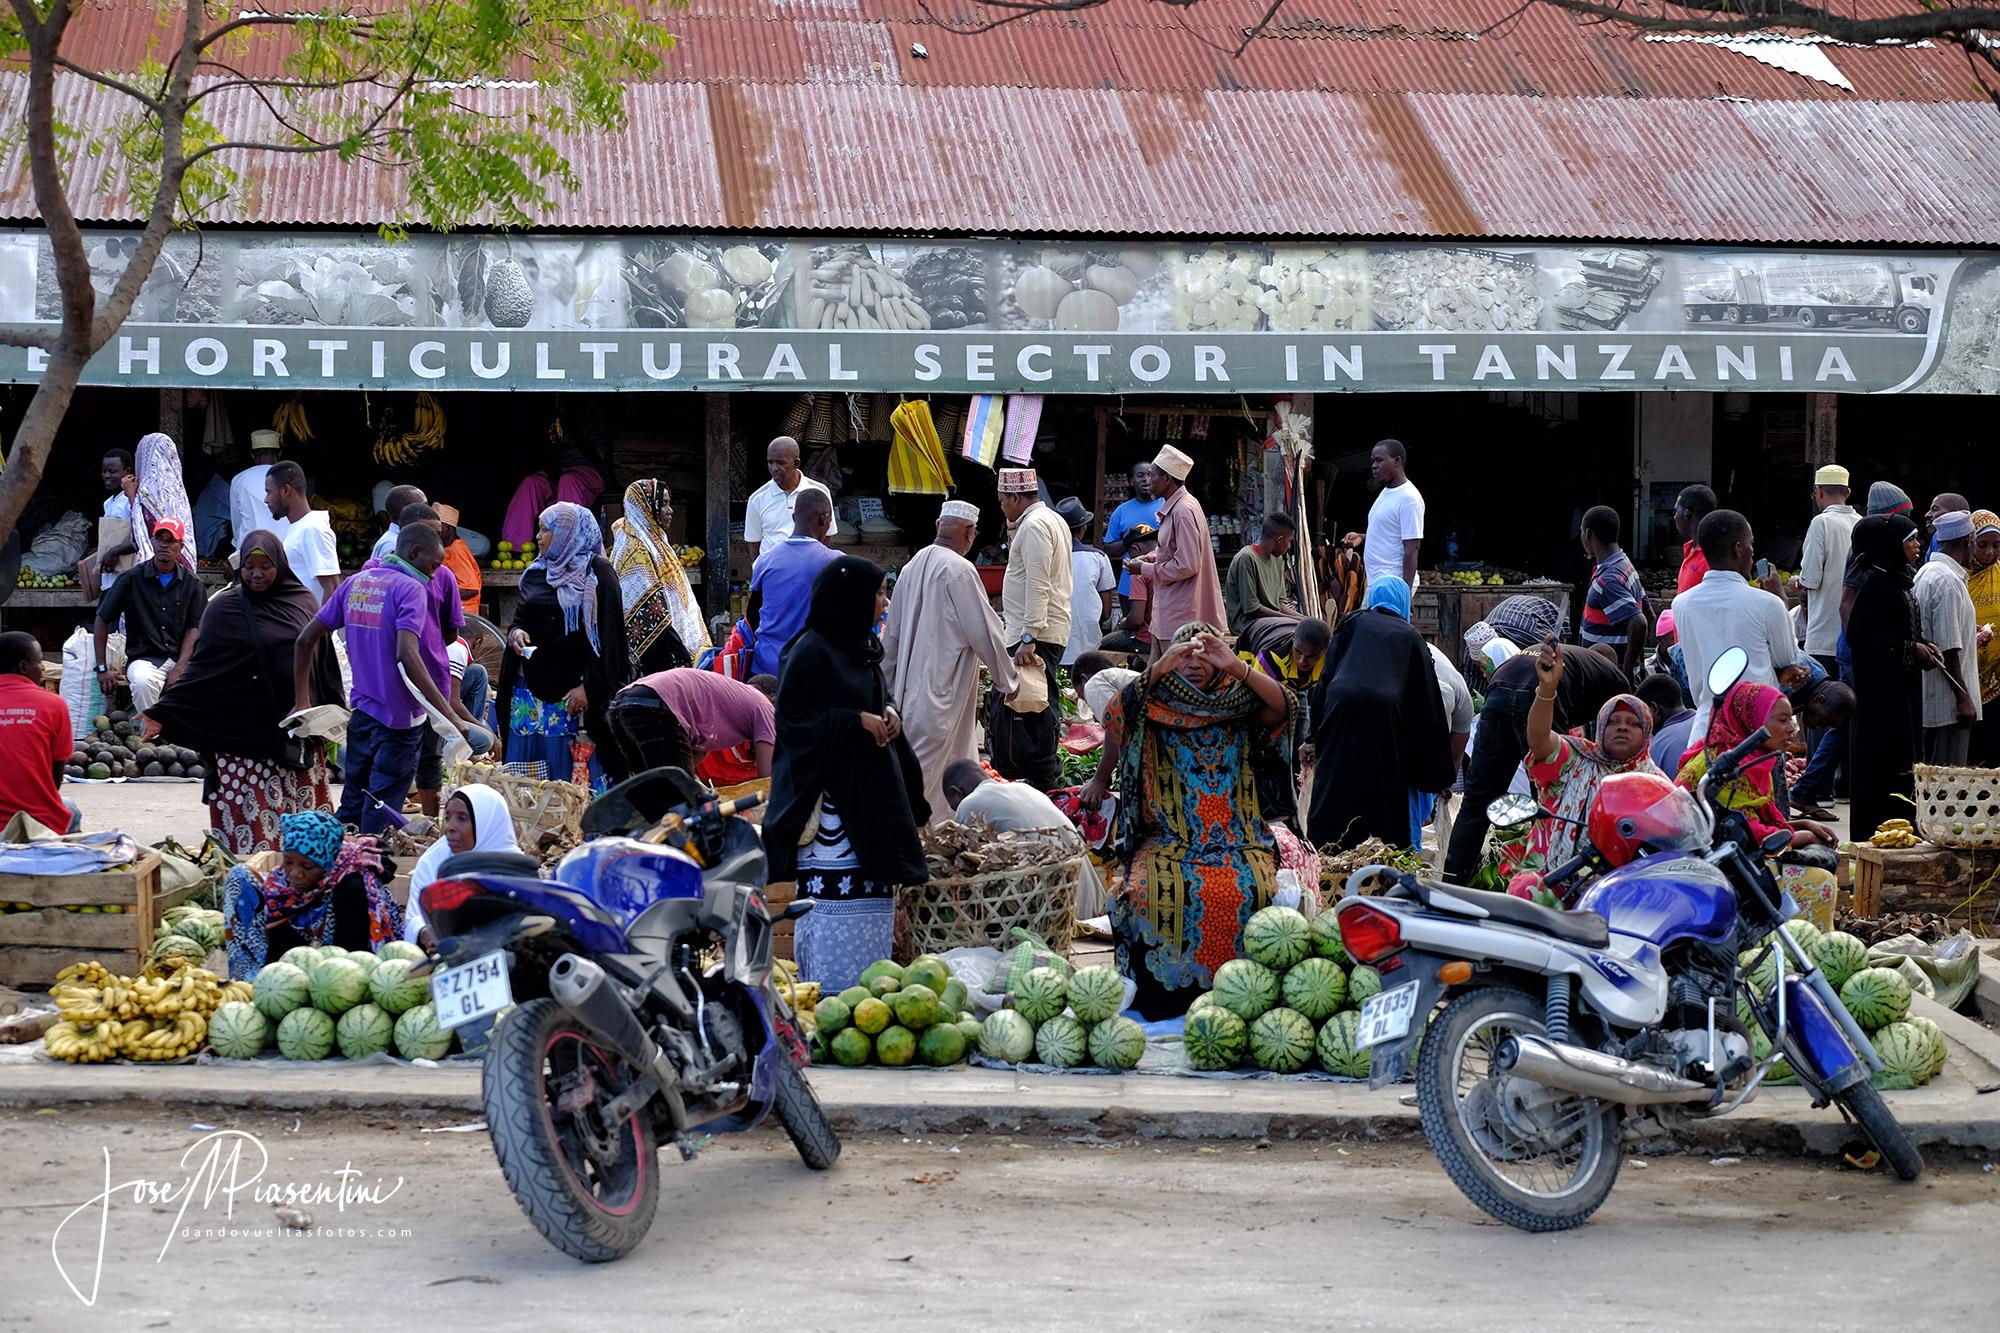 Fachada mercado